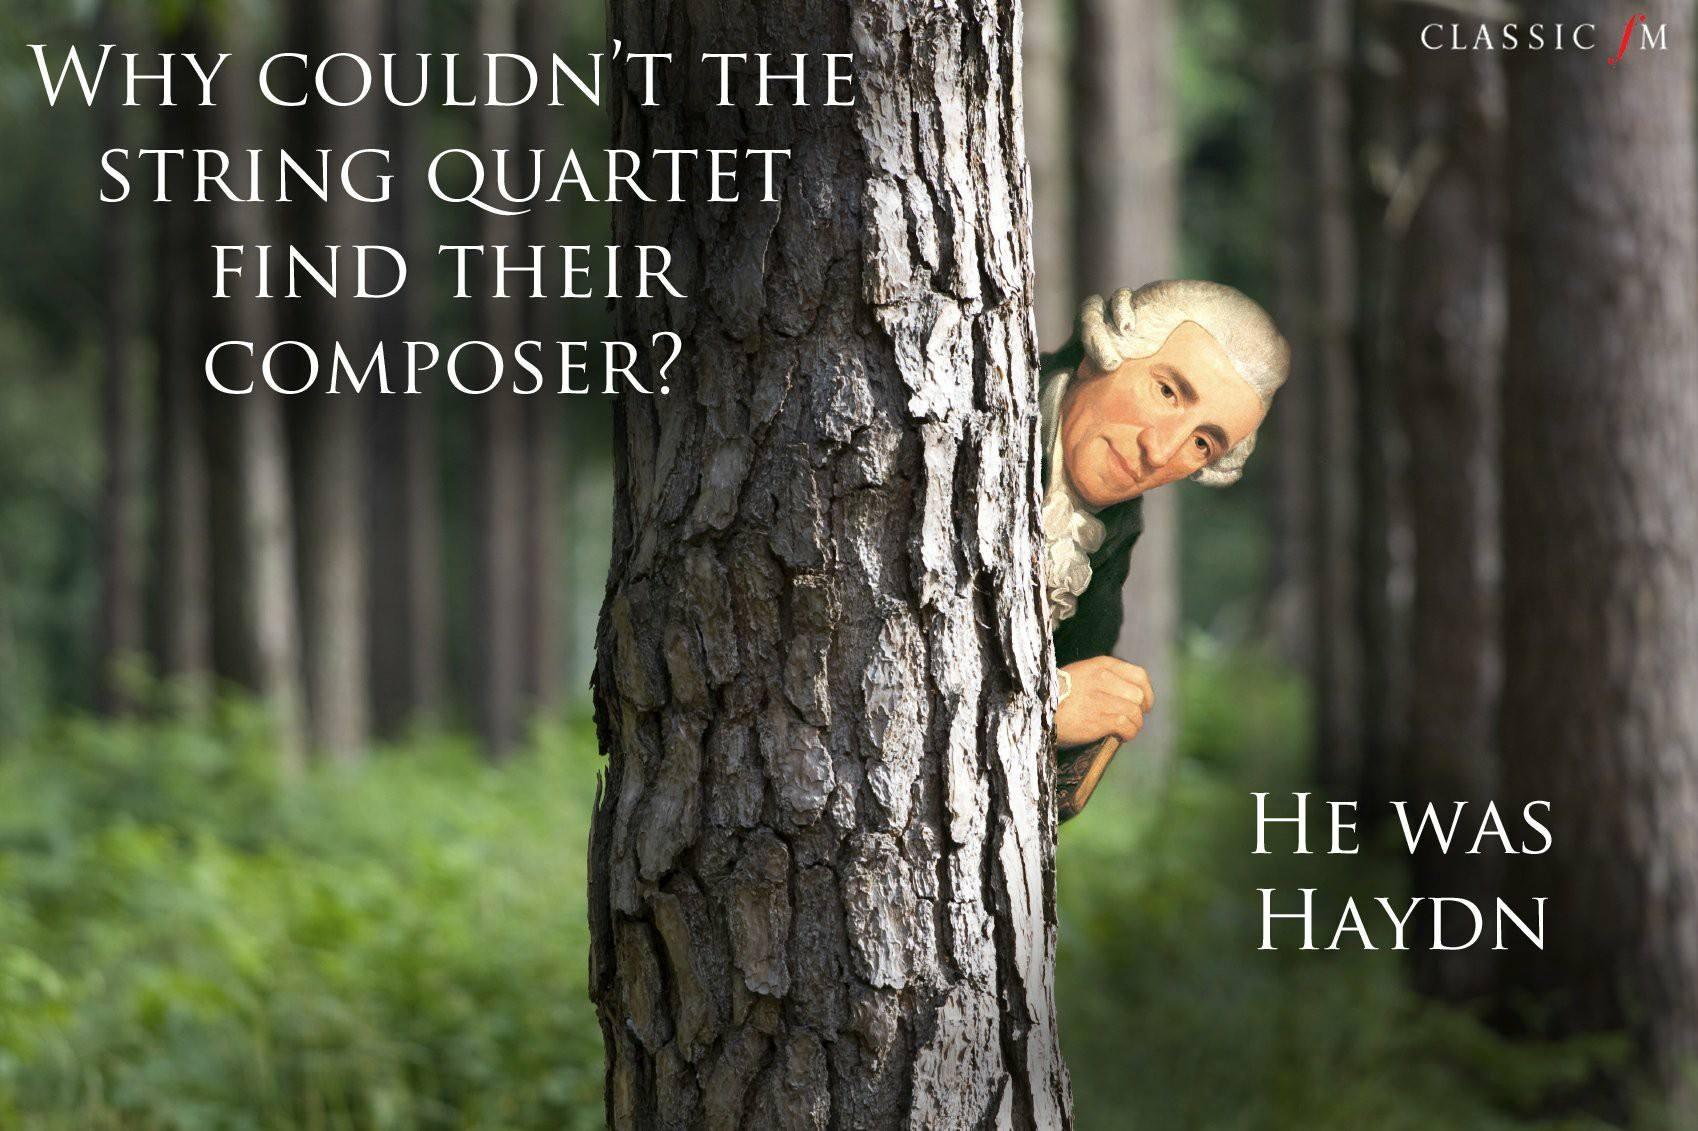 Haydn joke